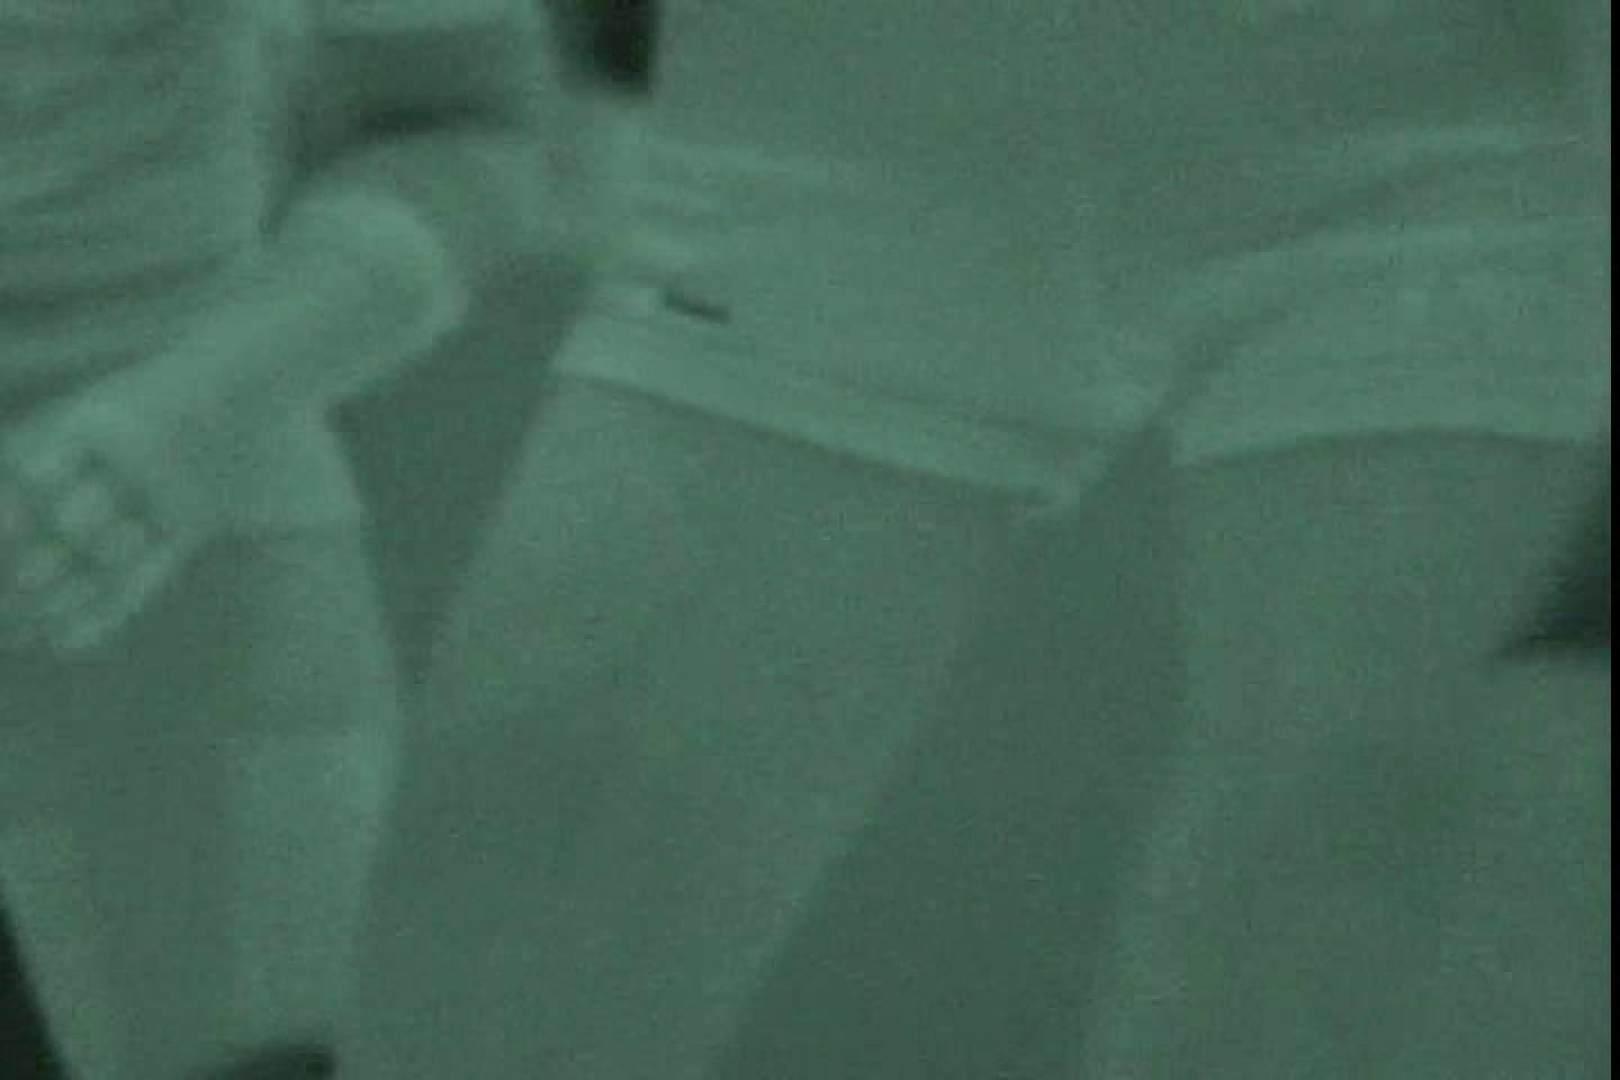 赤外線ムレスケバレー(汗) vol.09 パンツ 盗み撮りSEX無修正画像 92連発 71